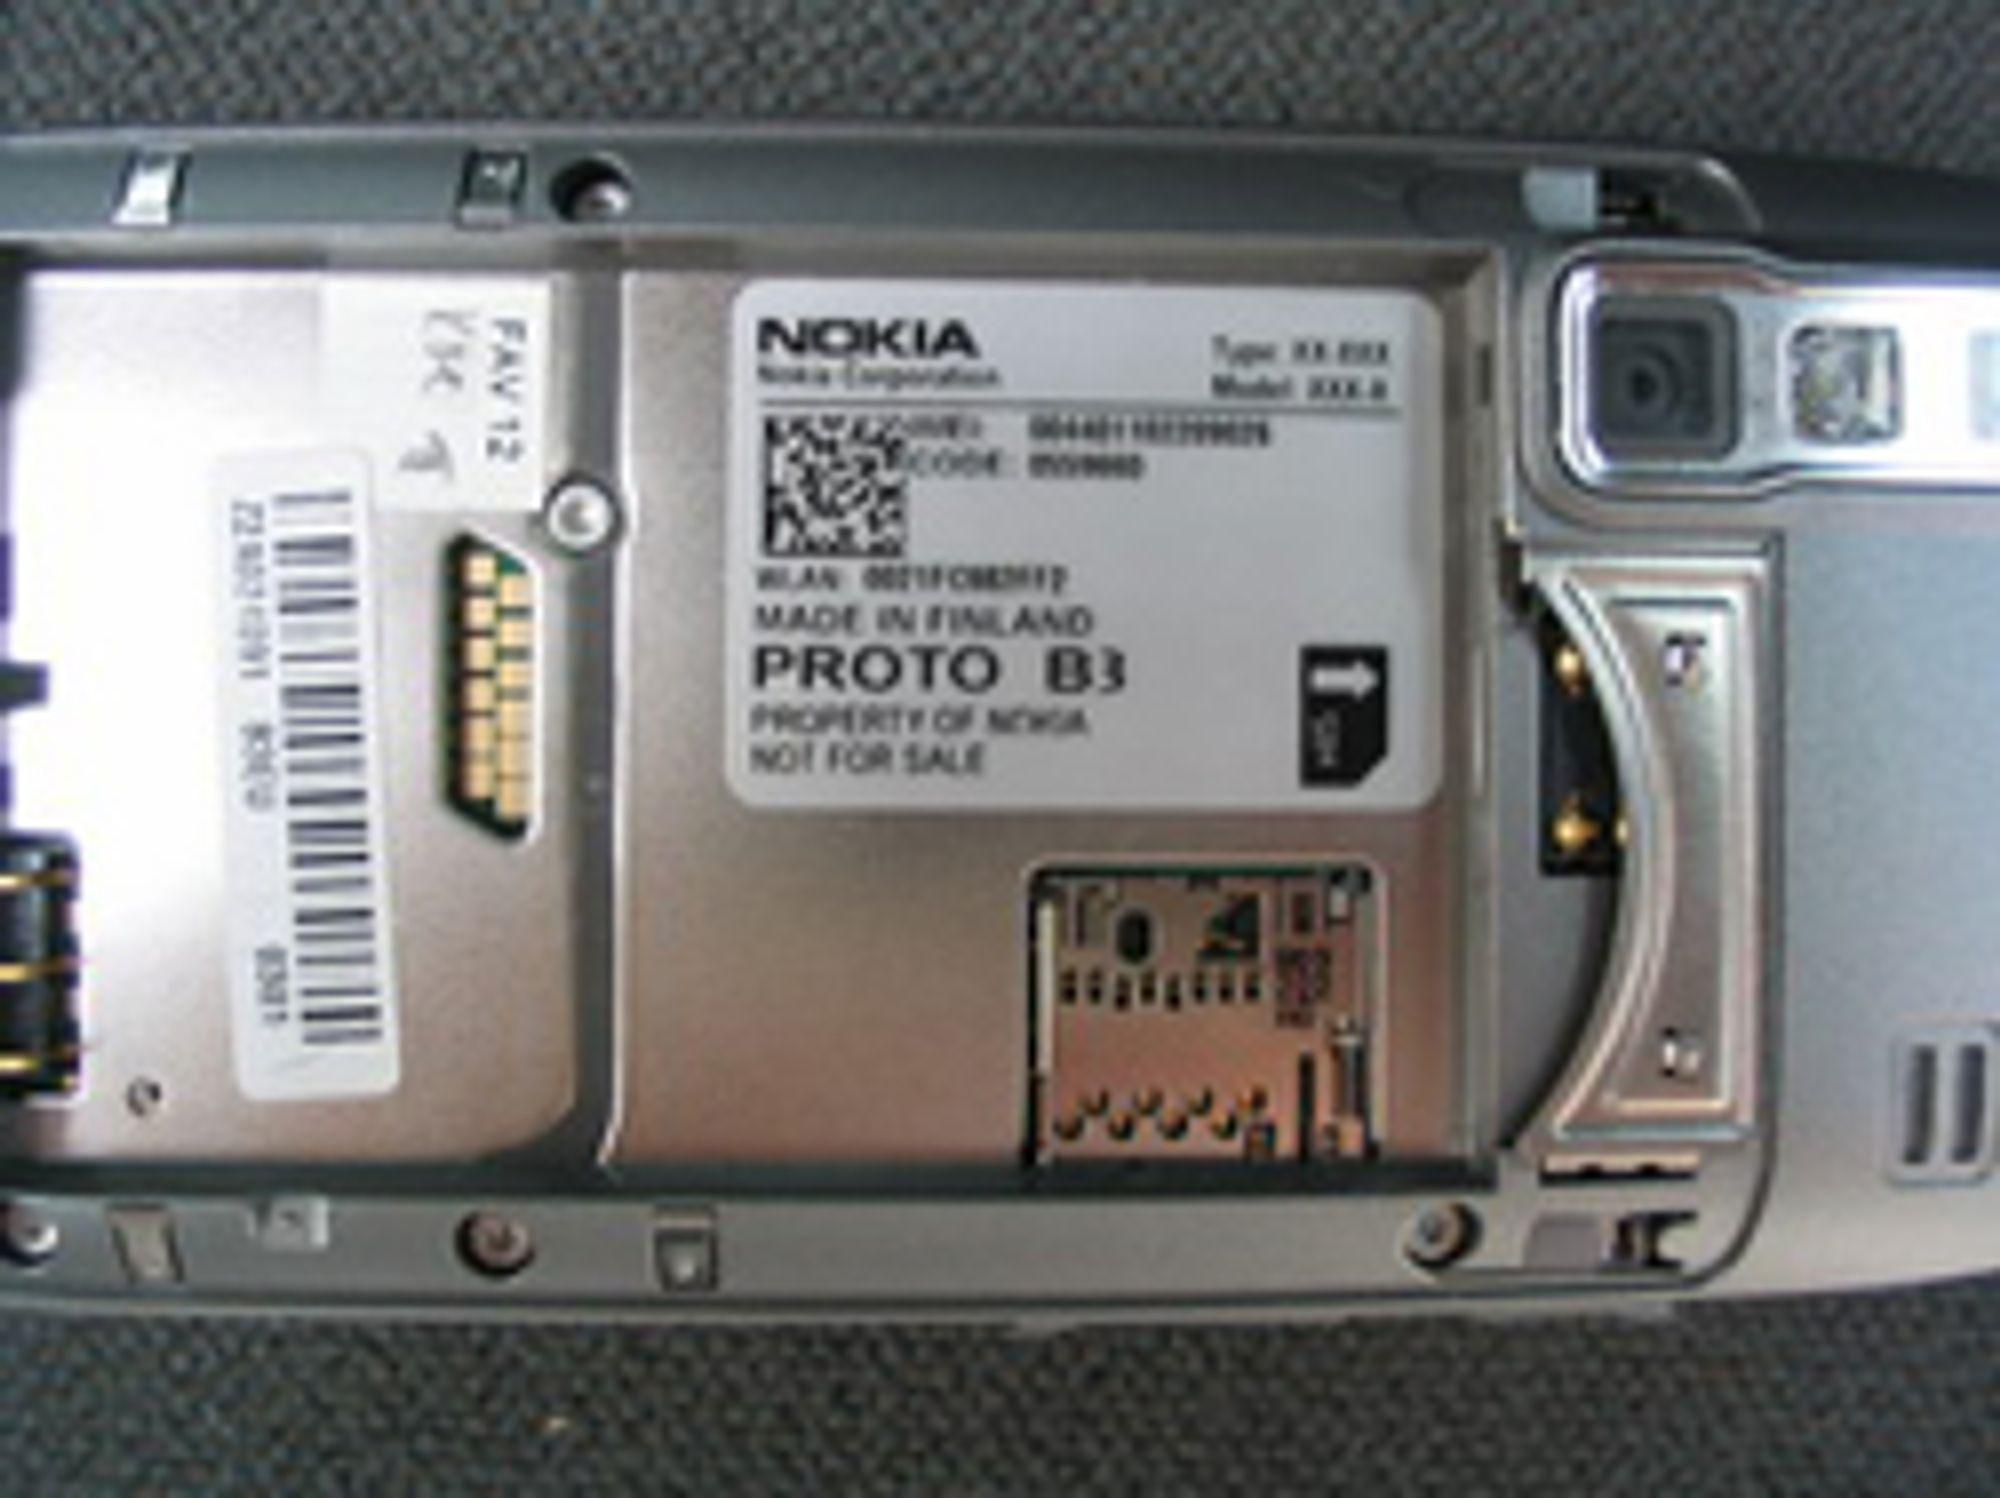 På baksiden kan vi se et kamera og minnekortplass.